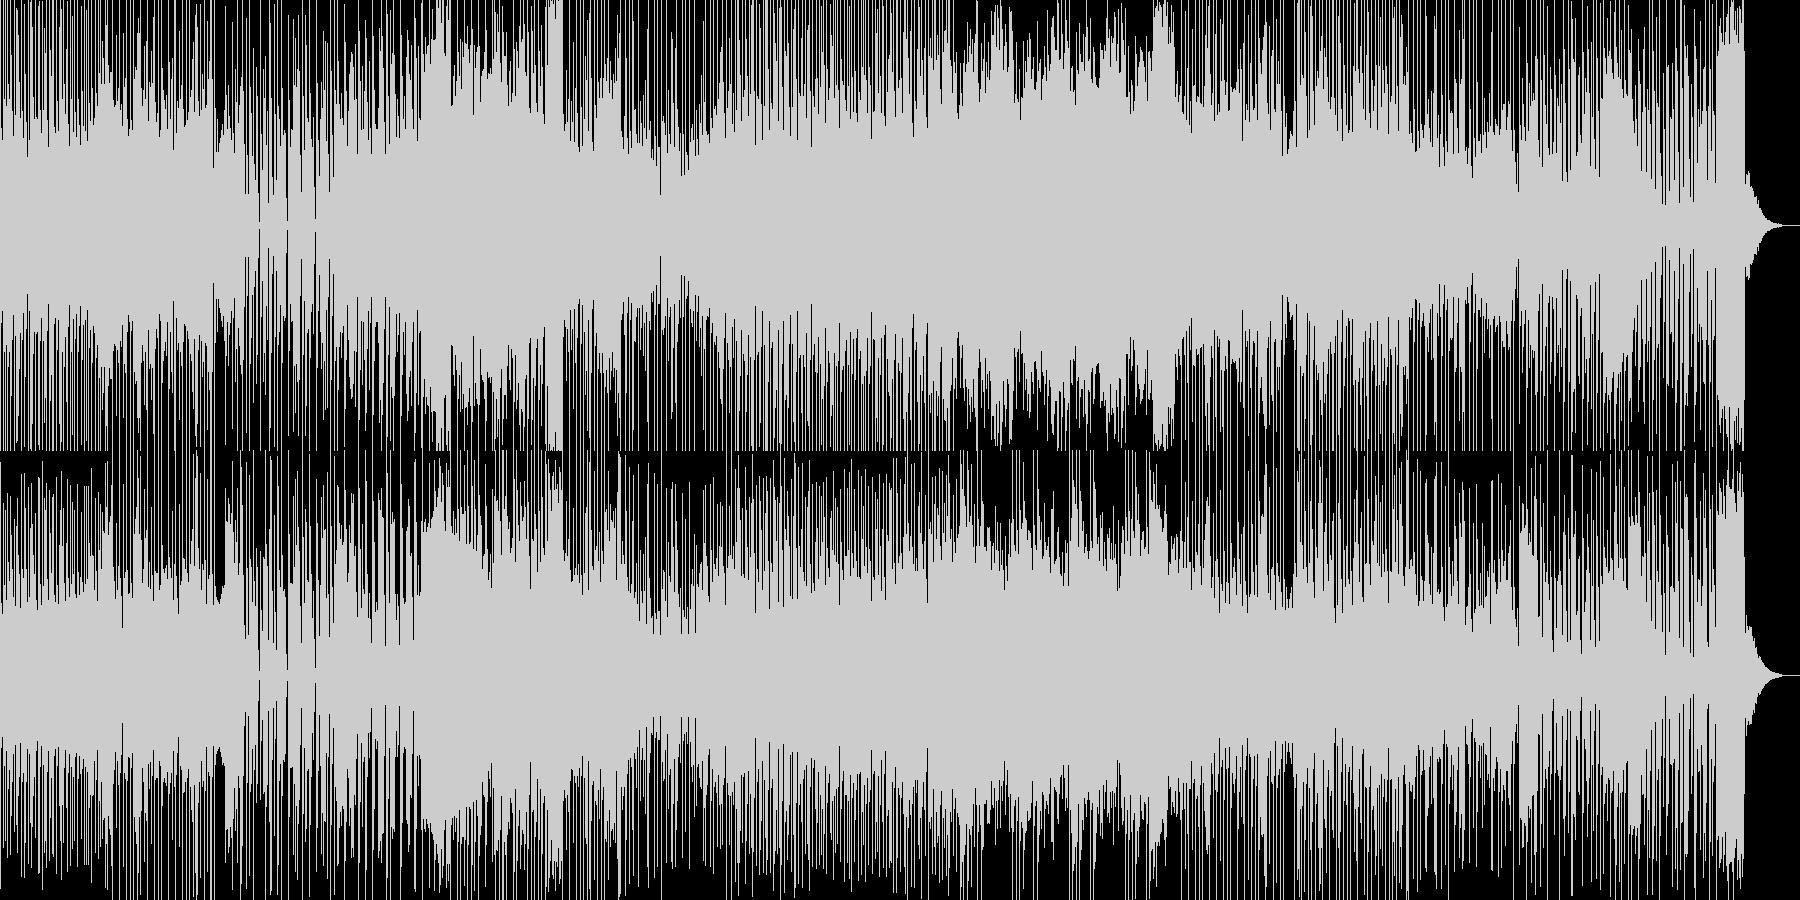 テクノ・トランス系のカッコイイ曲の未再生の波形